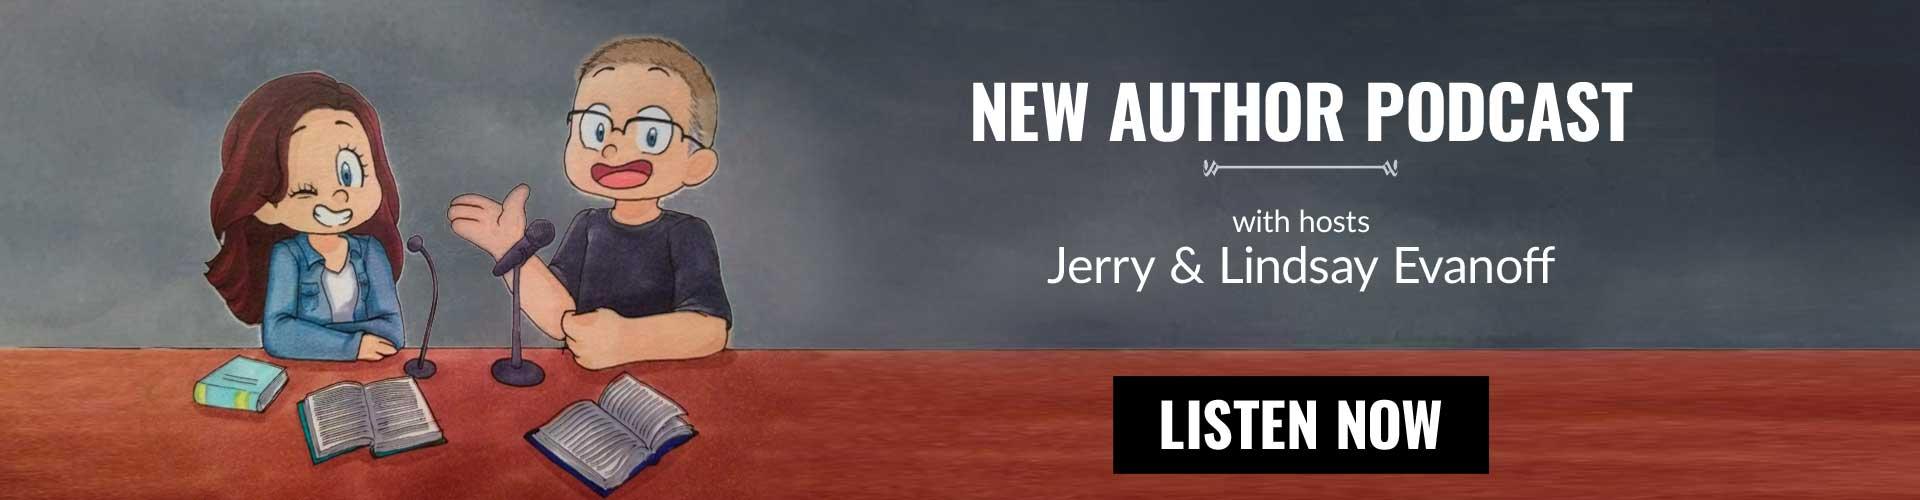 New Author Podcast